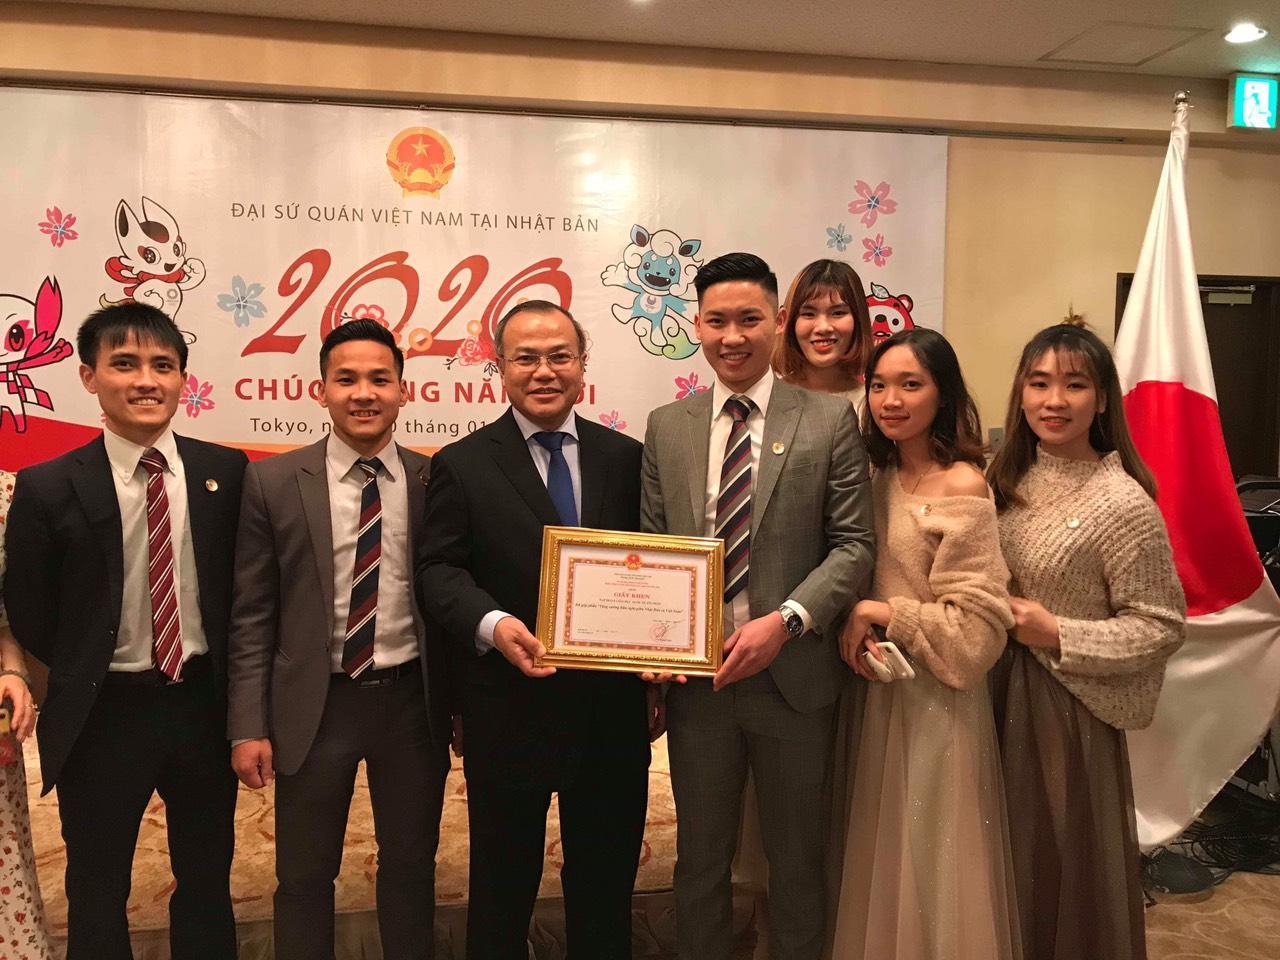 Tín Phát Group nhận bằng khen của Đại sứ quán Việt Nam tại Nhật Bản